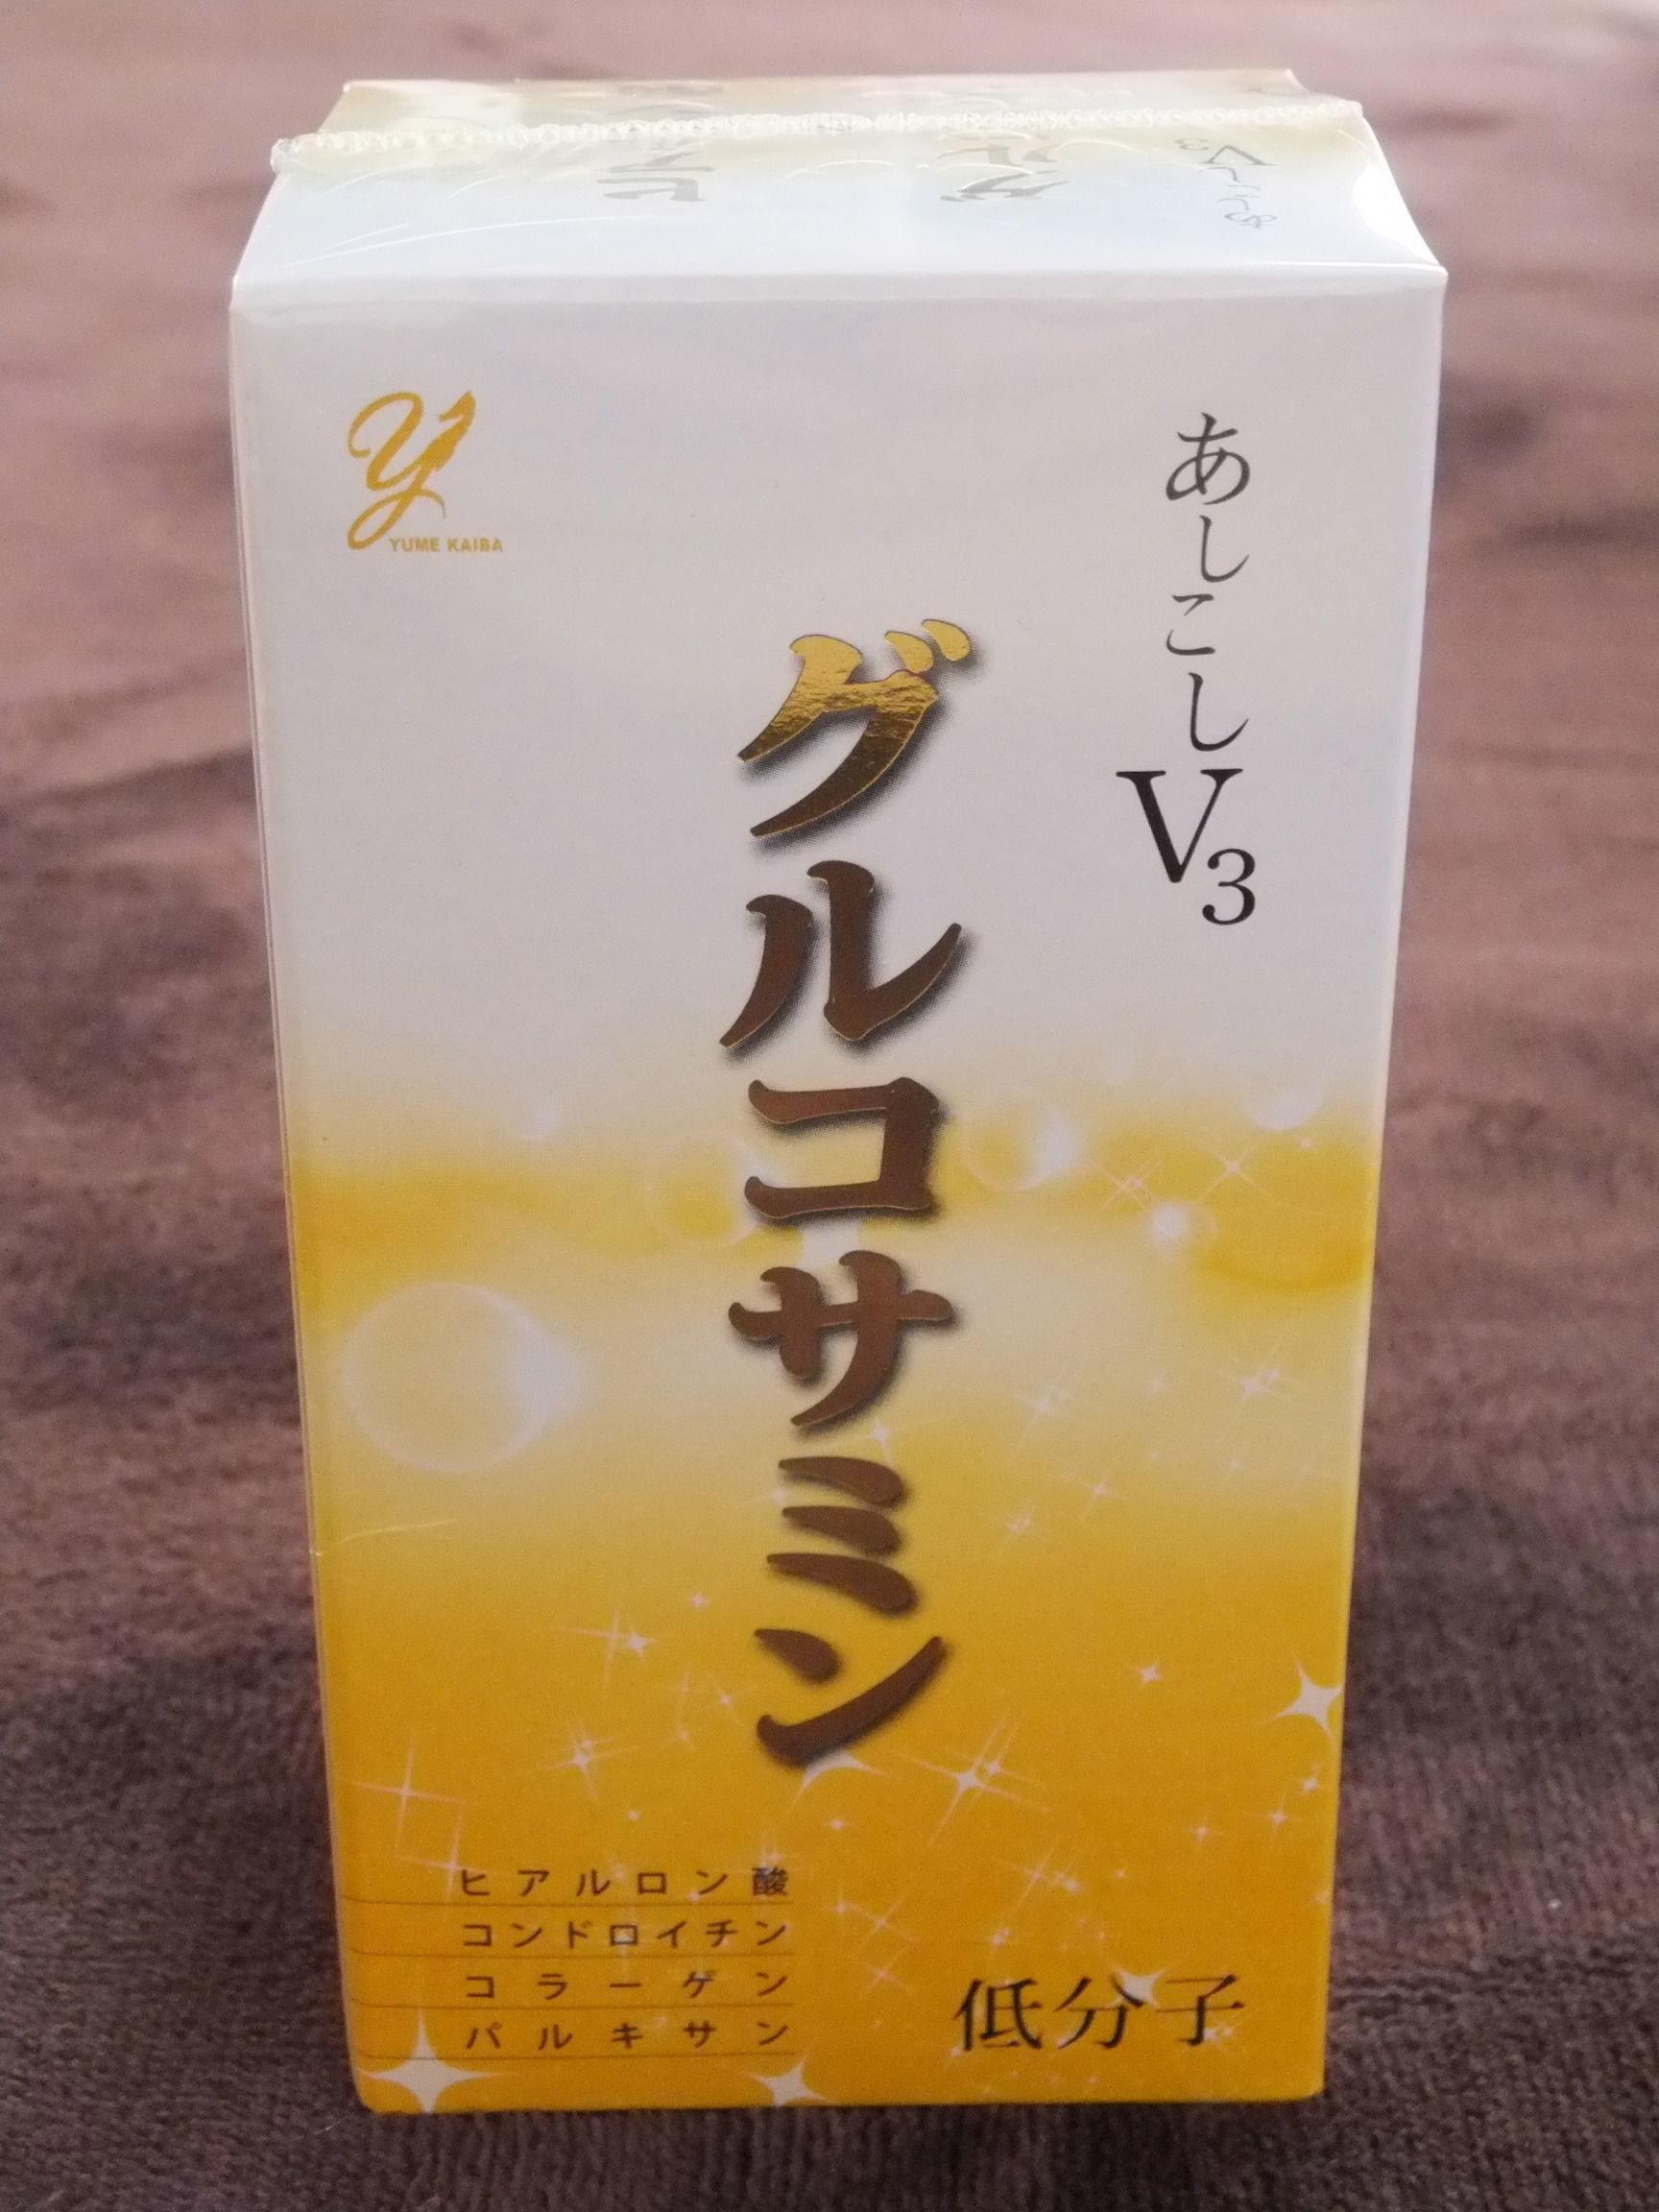 あしこしV3   ( 税抜き価格8,400円)